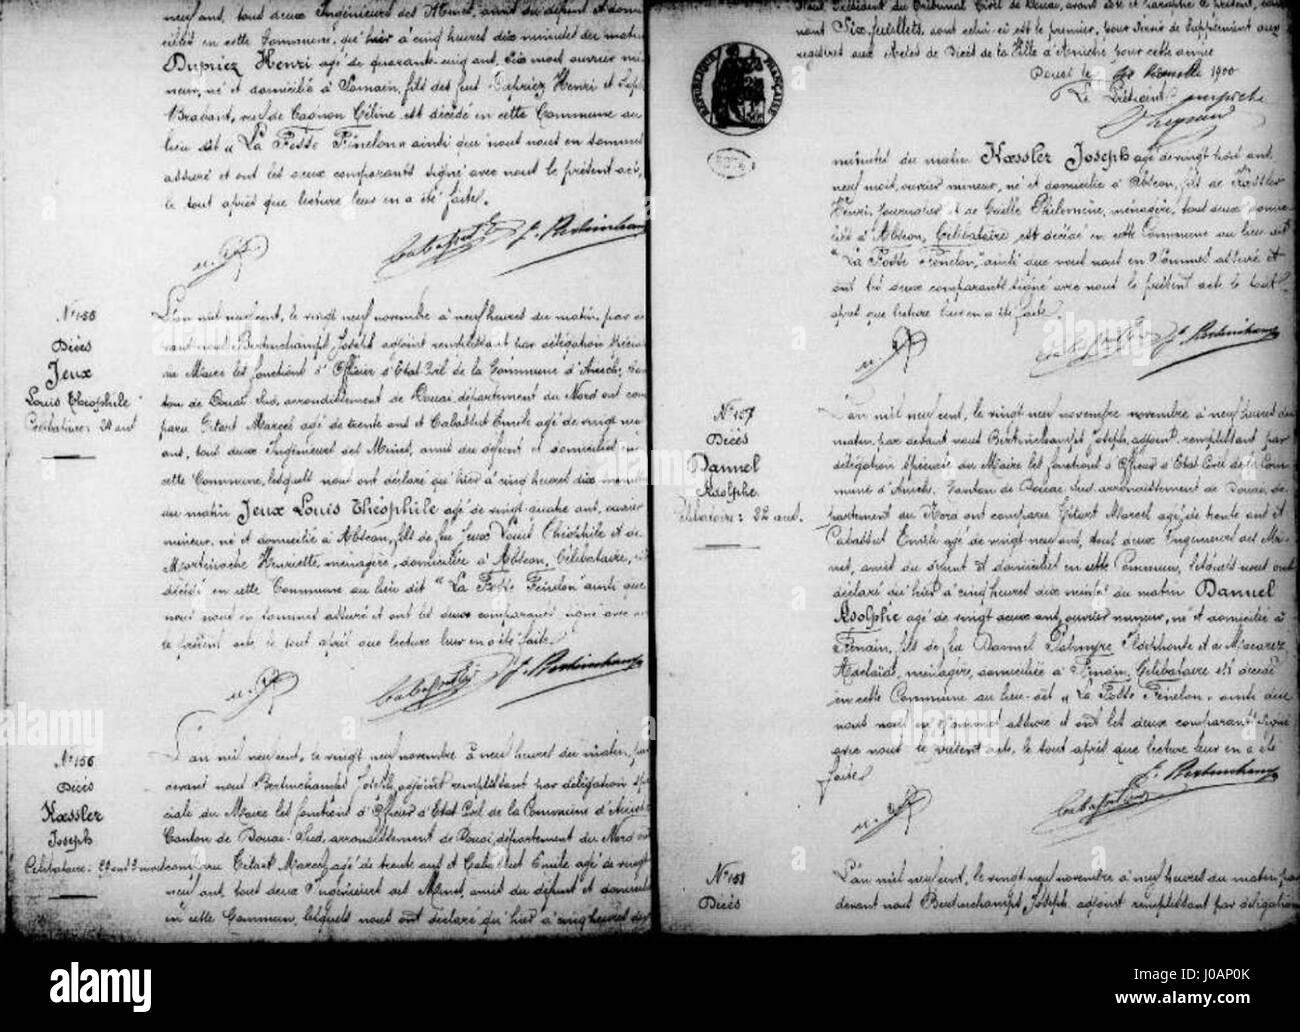 Aniche - Actes de décés décembre 1900 de 154 à 158 Dupriez henri -Jeux Louis - Koesler Joseph - Stock Image